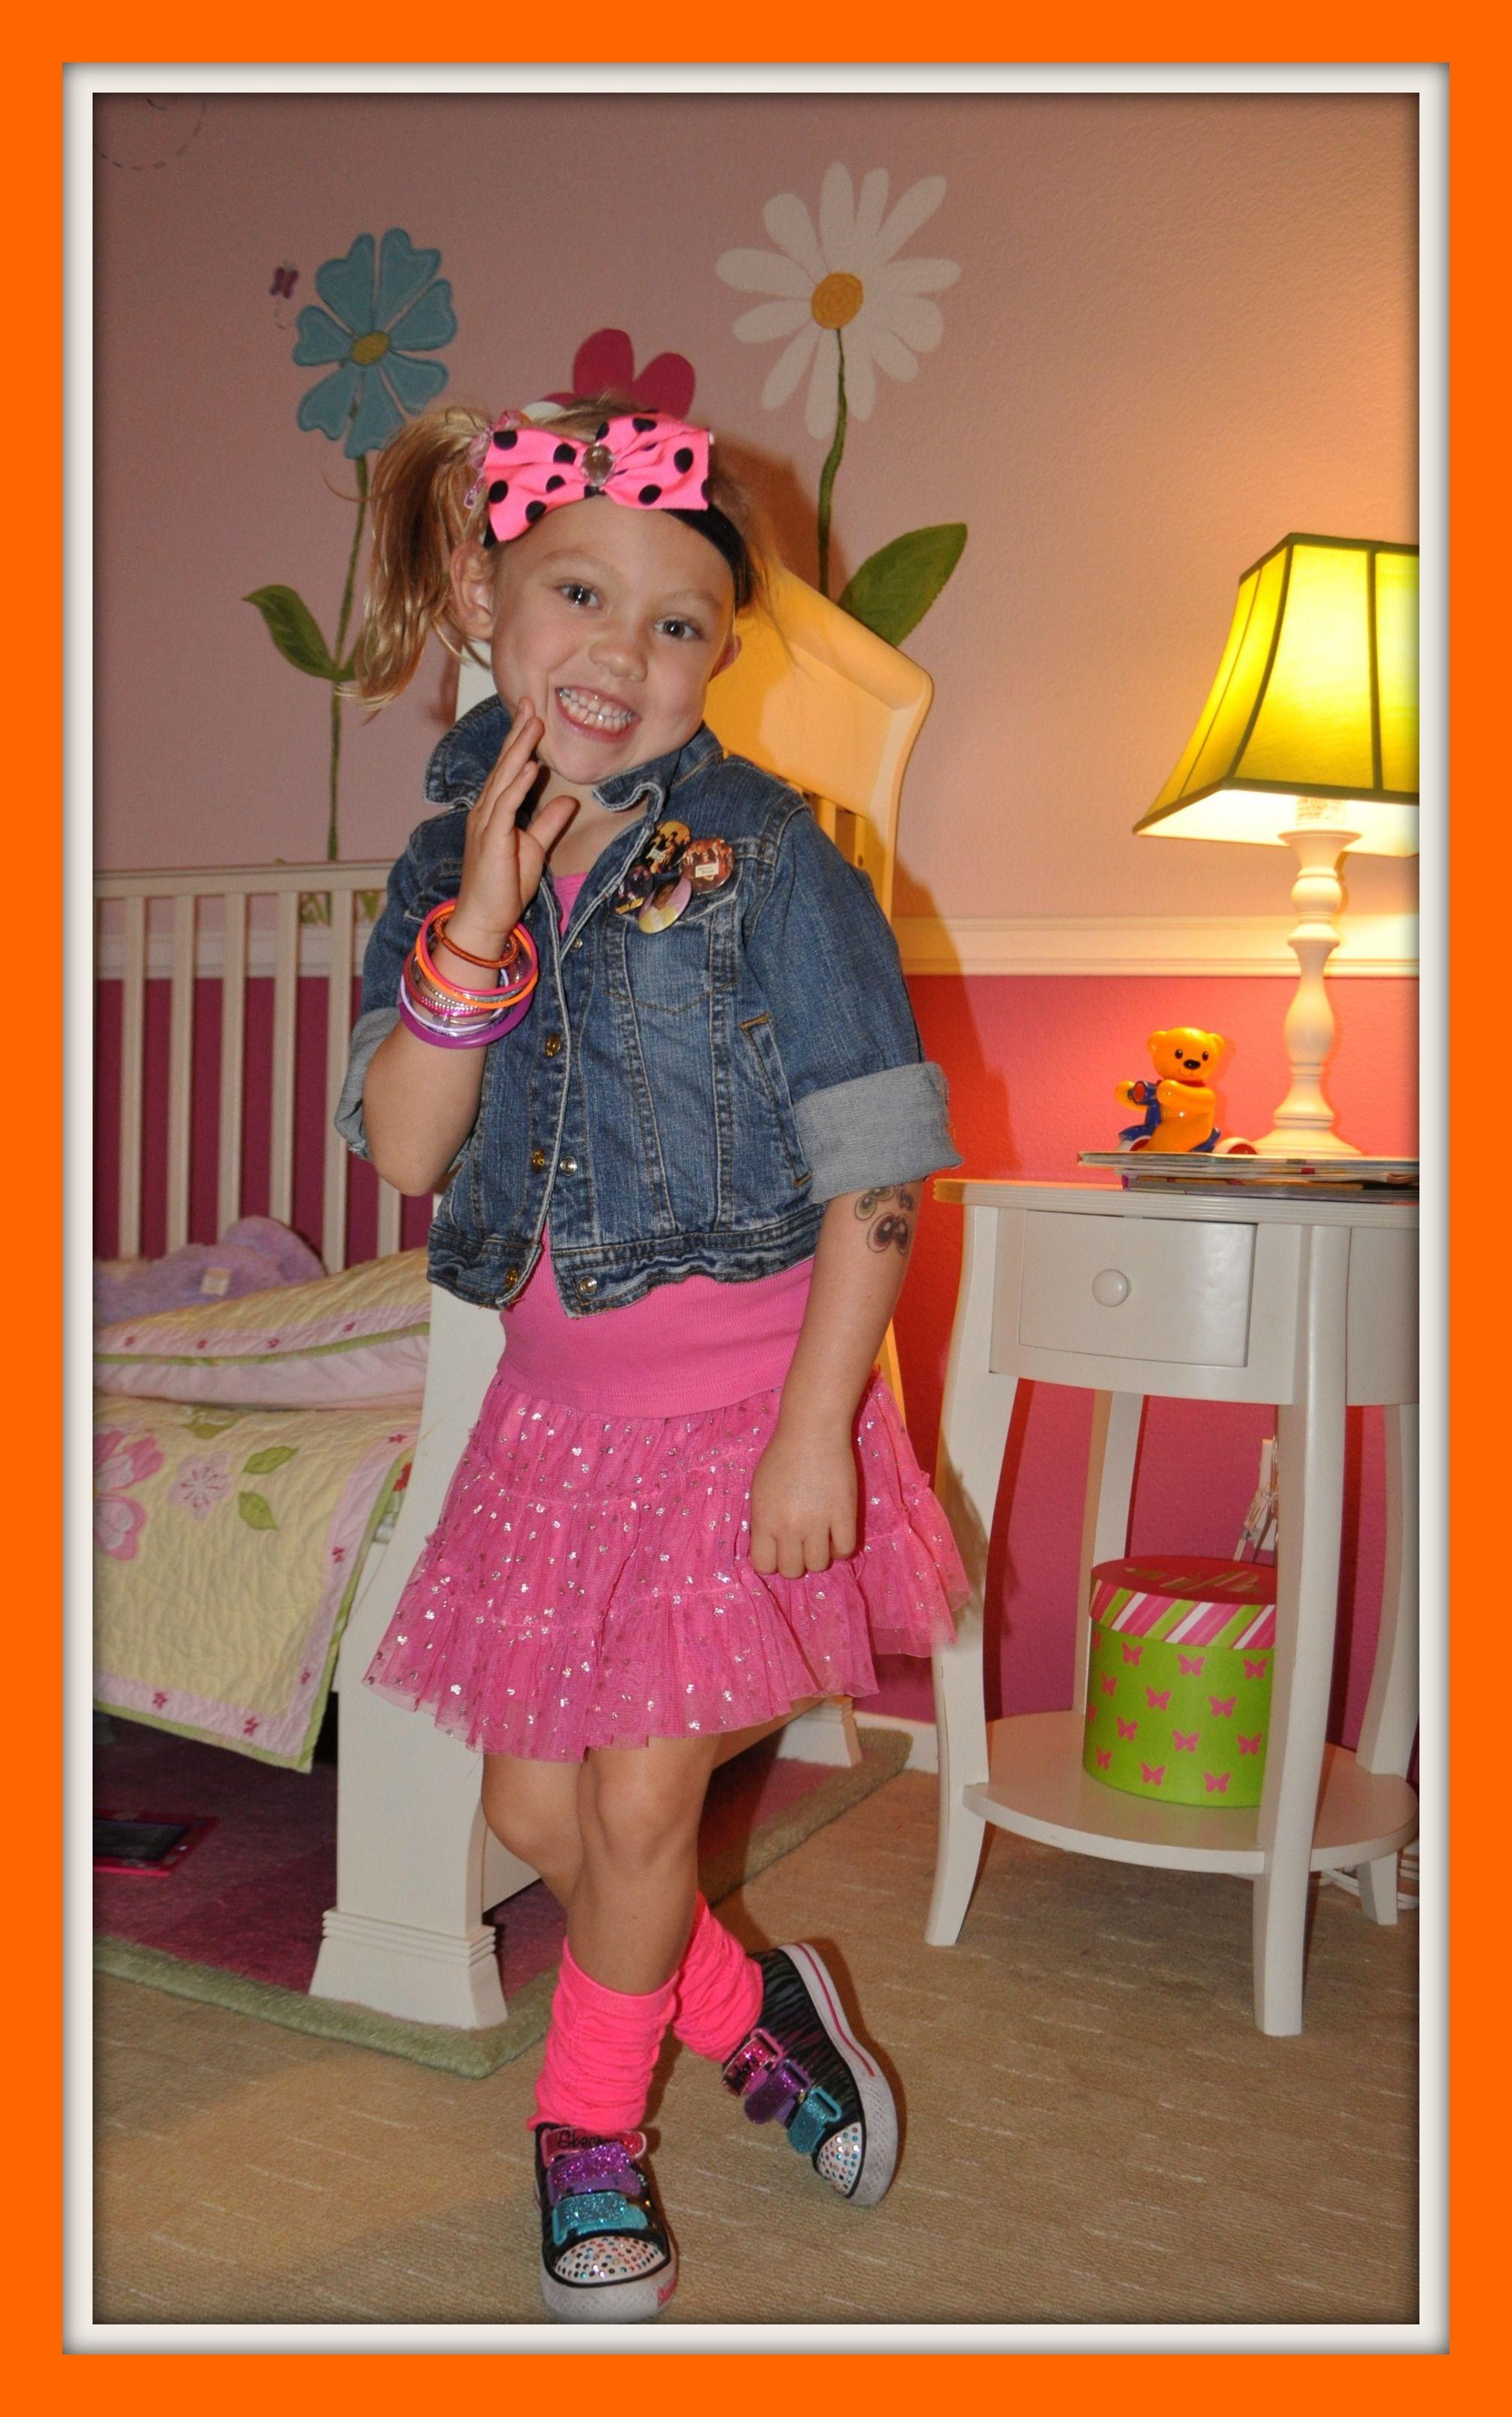 Costume Diy 80s For Girls Easy Cheap Last Minute Diy Costumes For Halloween As Seen Diy Costumes Kids Homemade Halloween Costumes Costumes For Teenage Girl